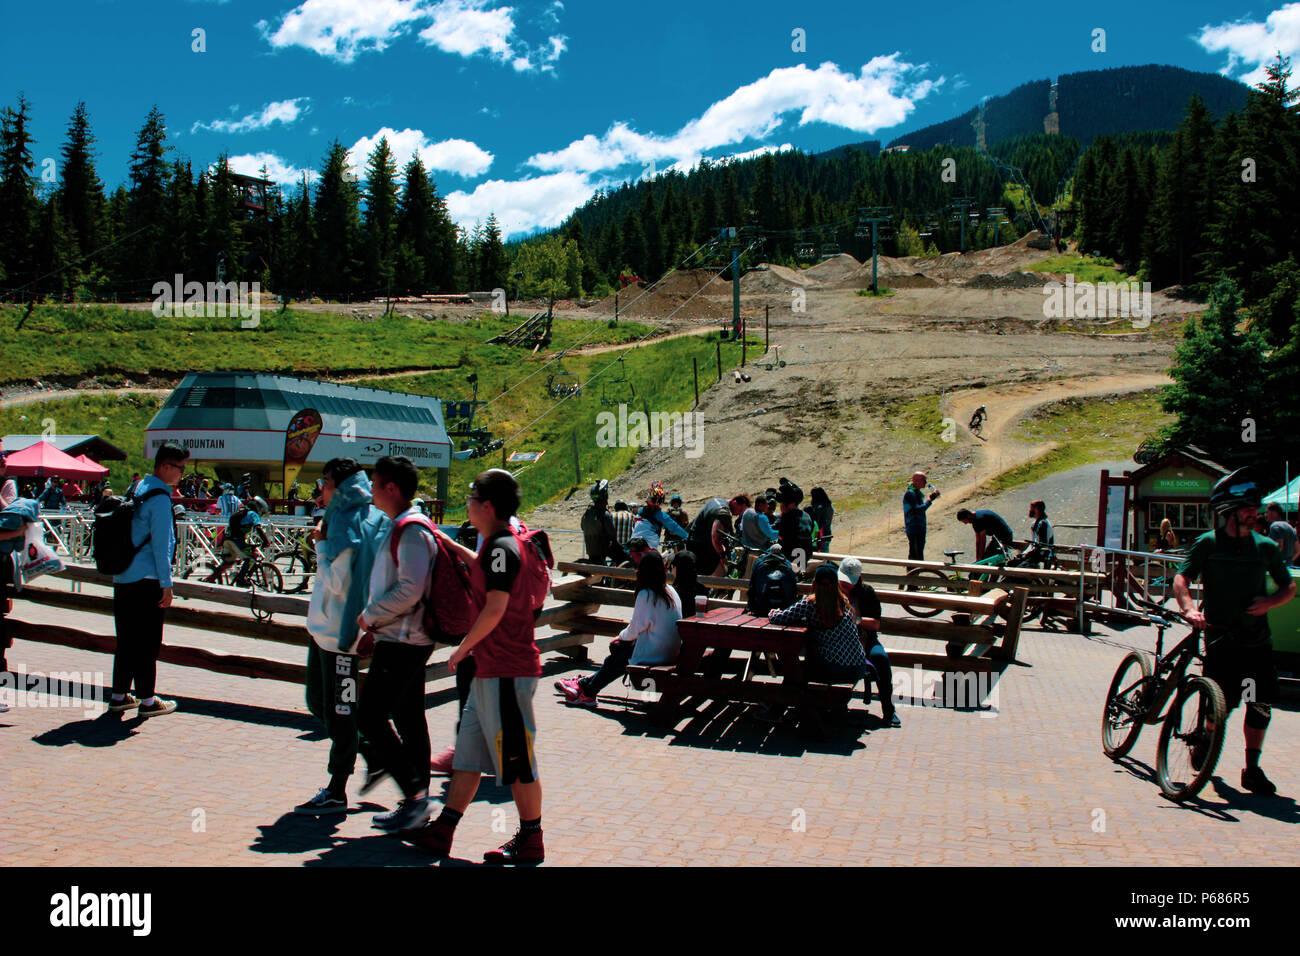 Chaîne Célèbre Vélo Columbia Village La Région De Montagne YIEDW2eH9